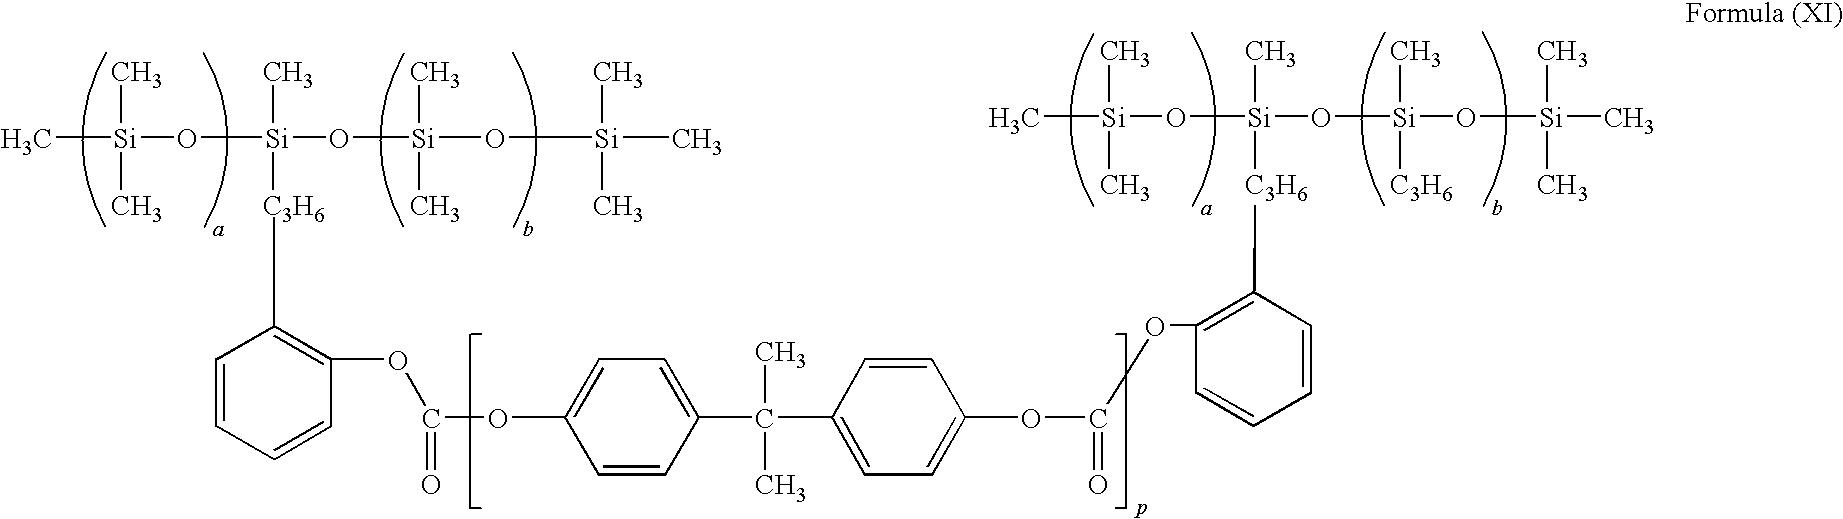 Figure US07943278-20110517-C00077